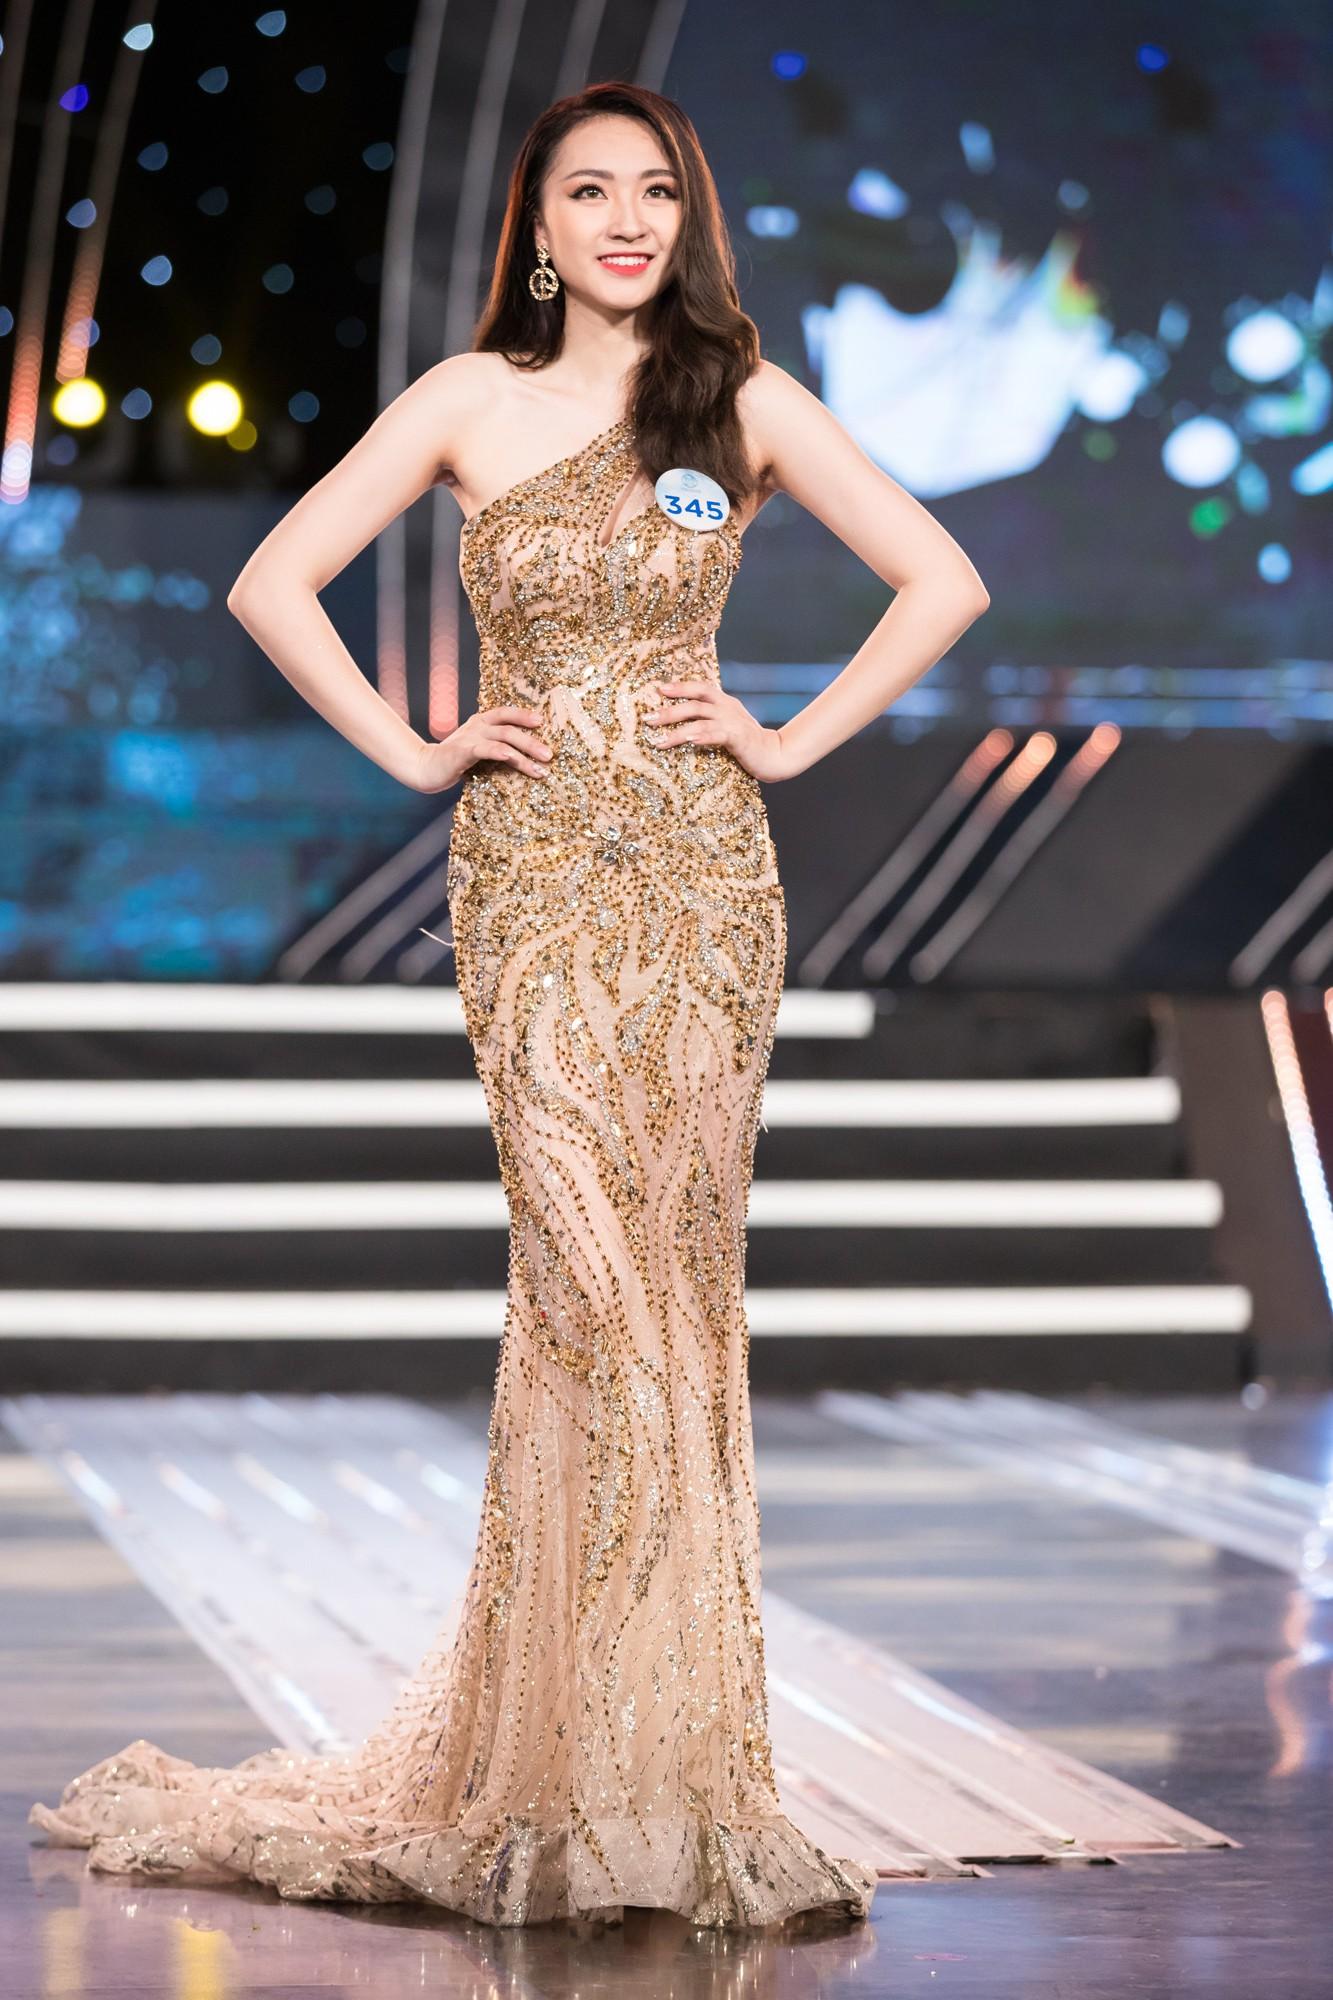 Soi nhan sắc 20 cô gái phía Bắc vừa lọt Chung kết Miss World VN: Thí sinh mặt đẹp nhất lại lộ vóc dáng đô con, thiếu đường cong-5